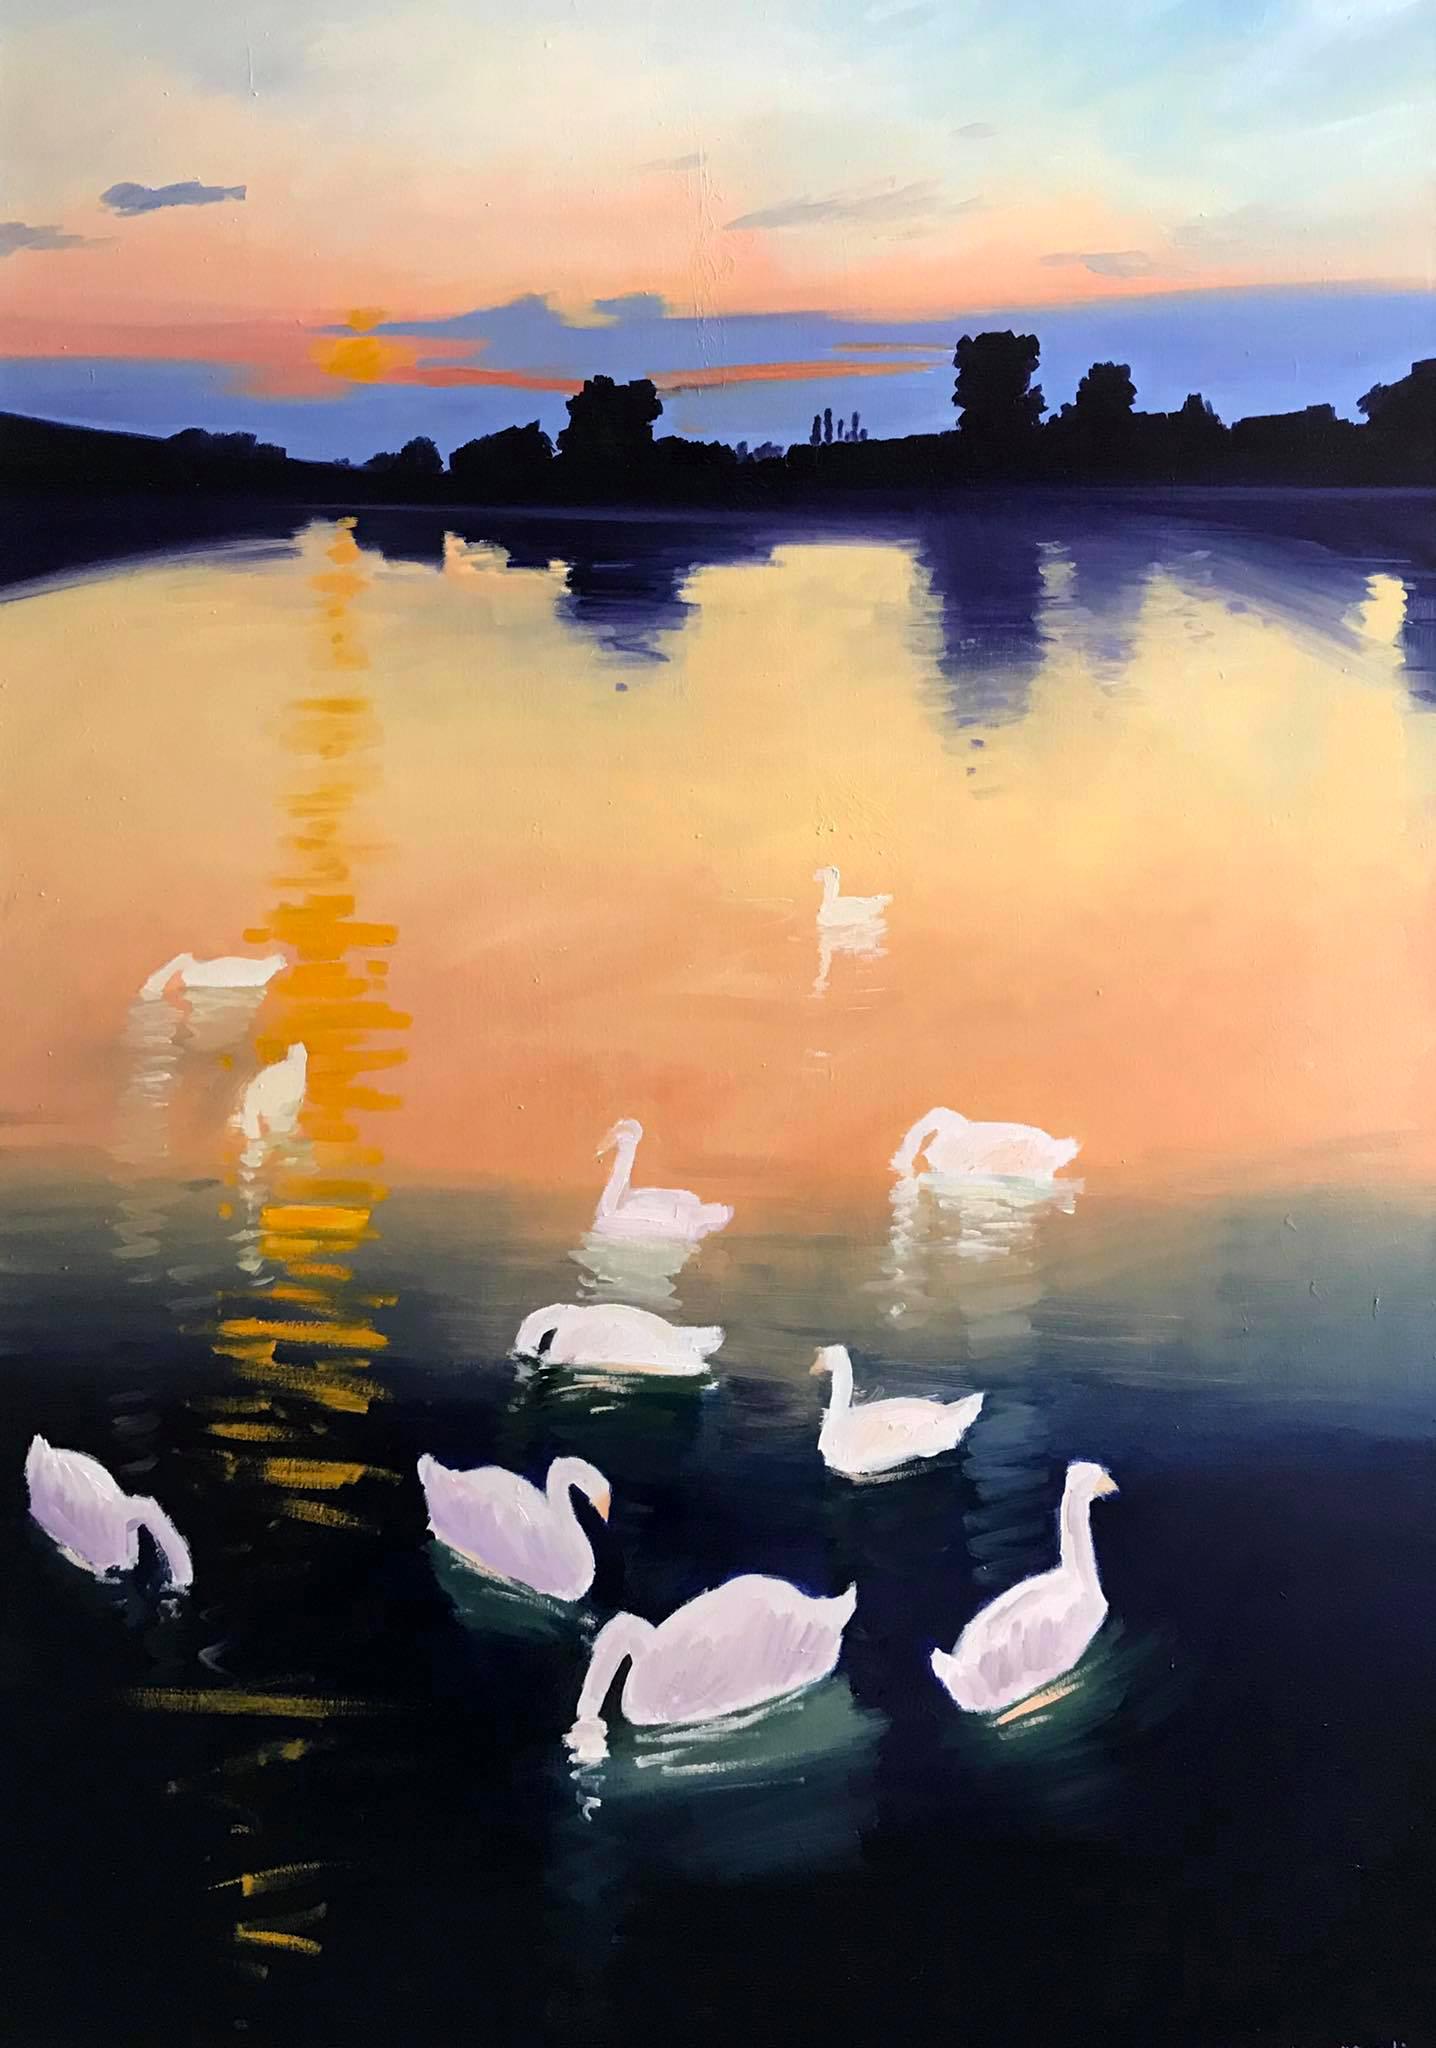 Łabędzie na jeziorze, 2021